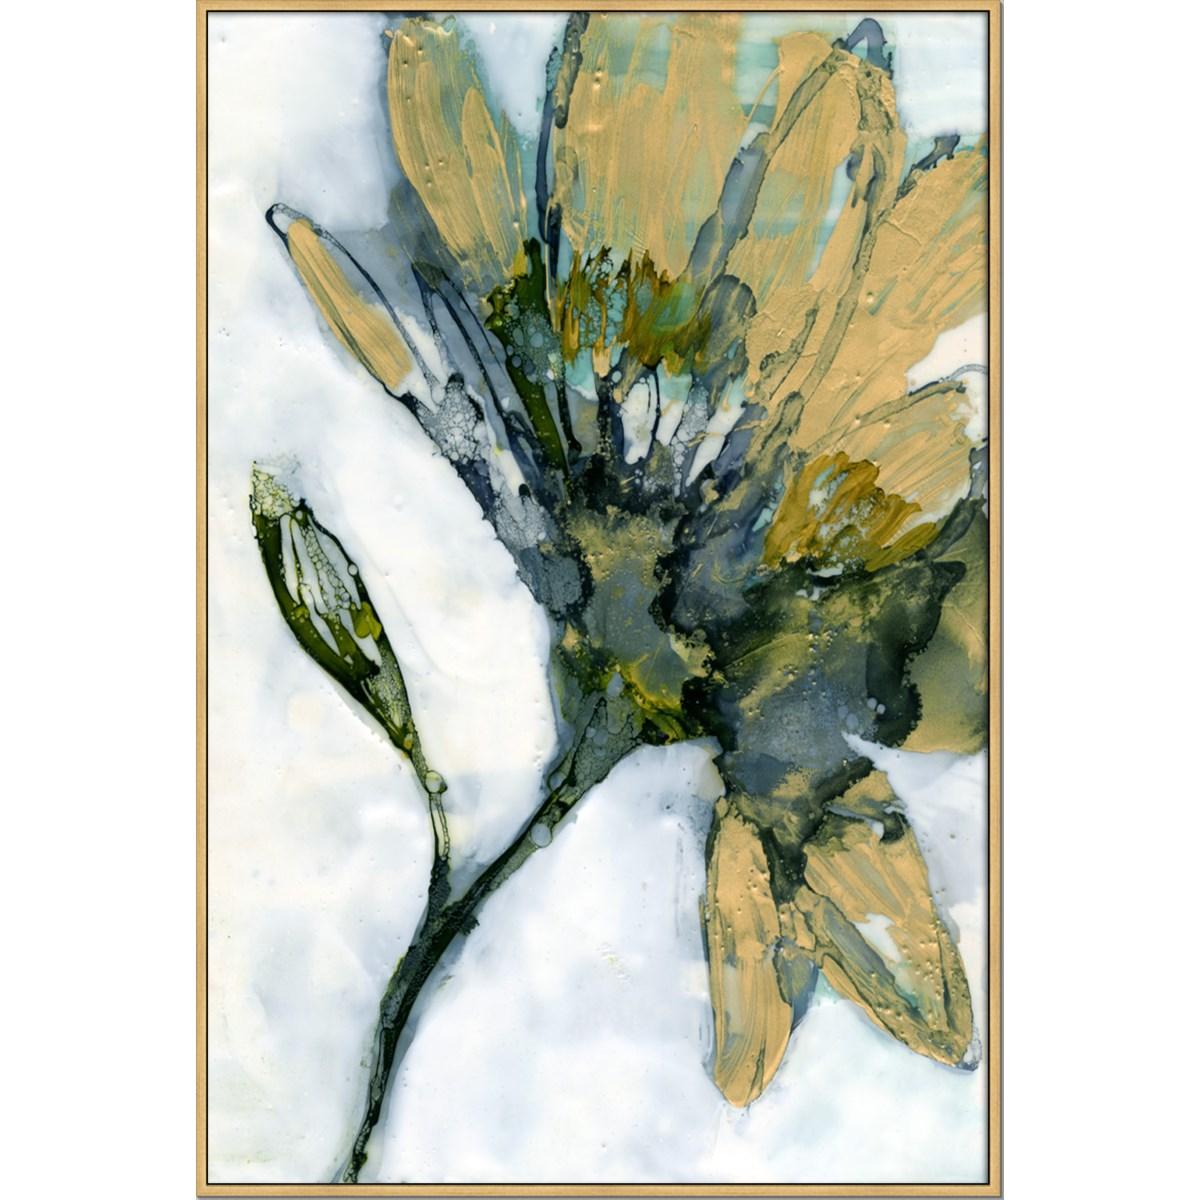 FLOWER ALLOY I (framed)